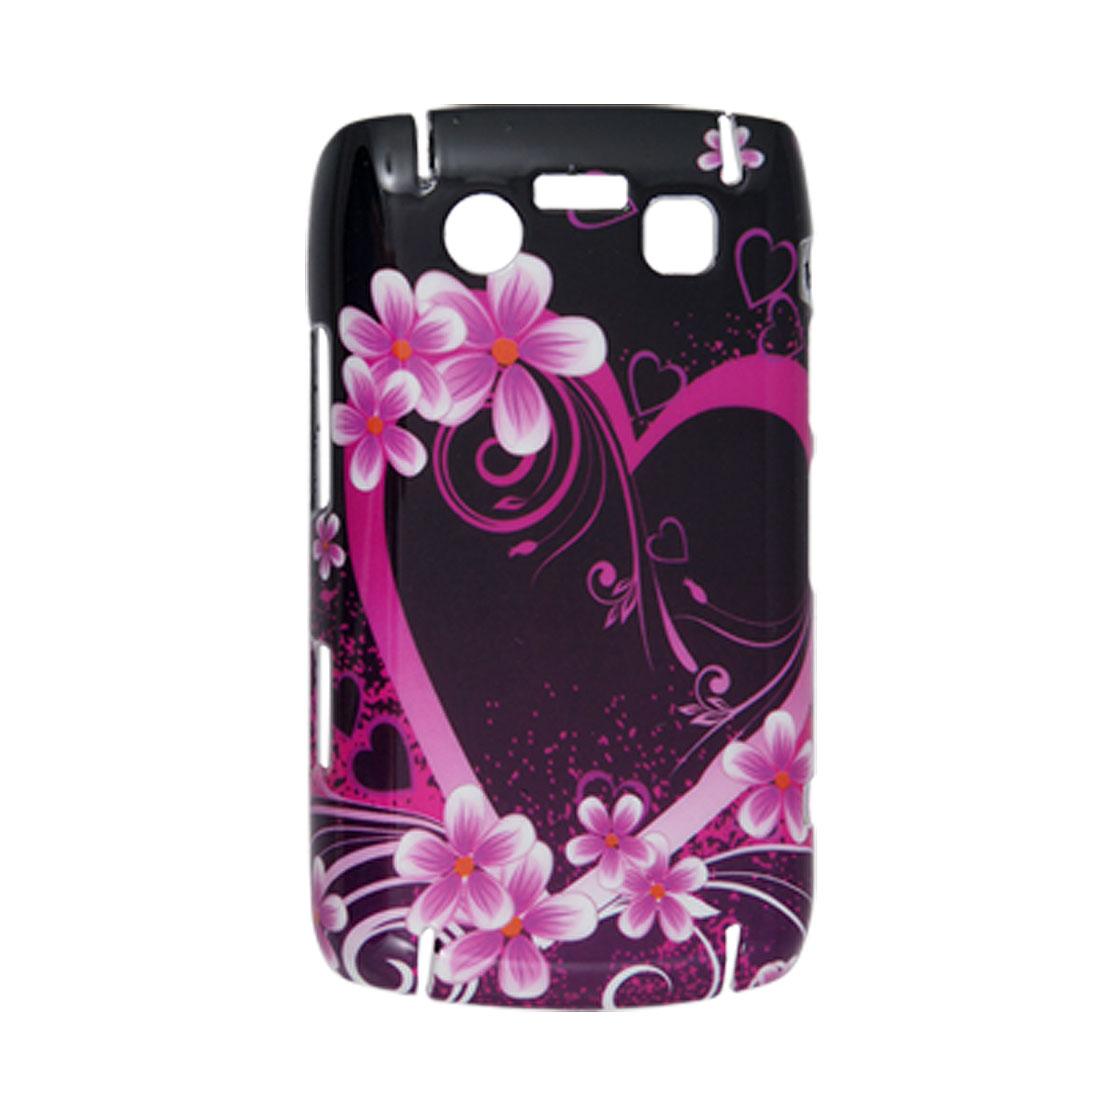 Flowers Prints Plastic Hard Back Shell Case for BlackBerry 9700